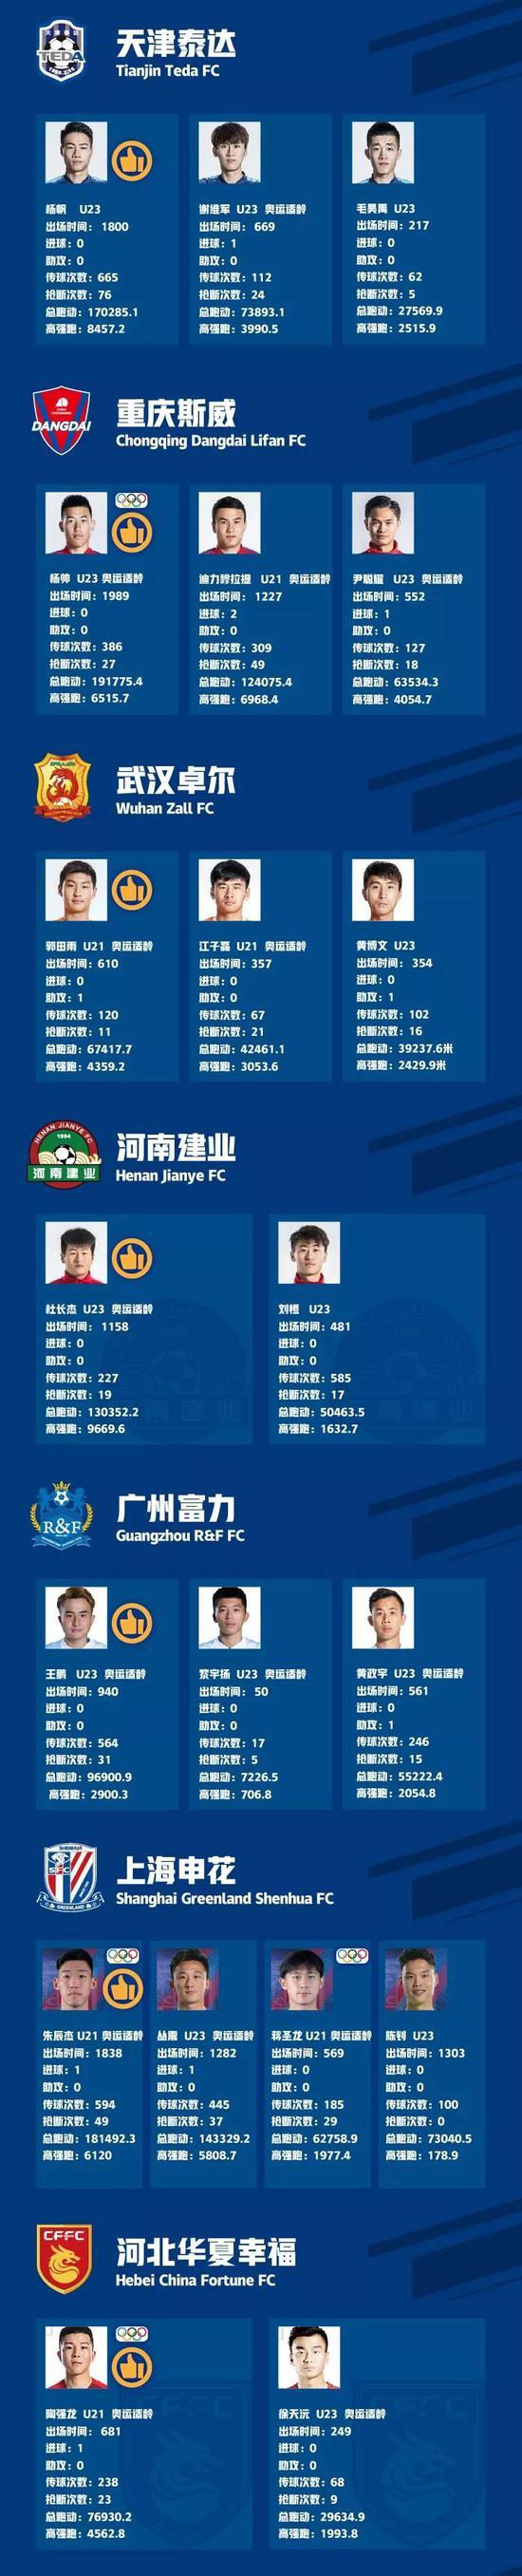 中超U23球员数据报告:恒大小将挑大梁 国安新人亮眼